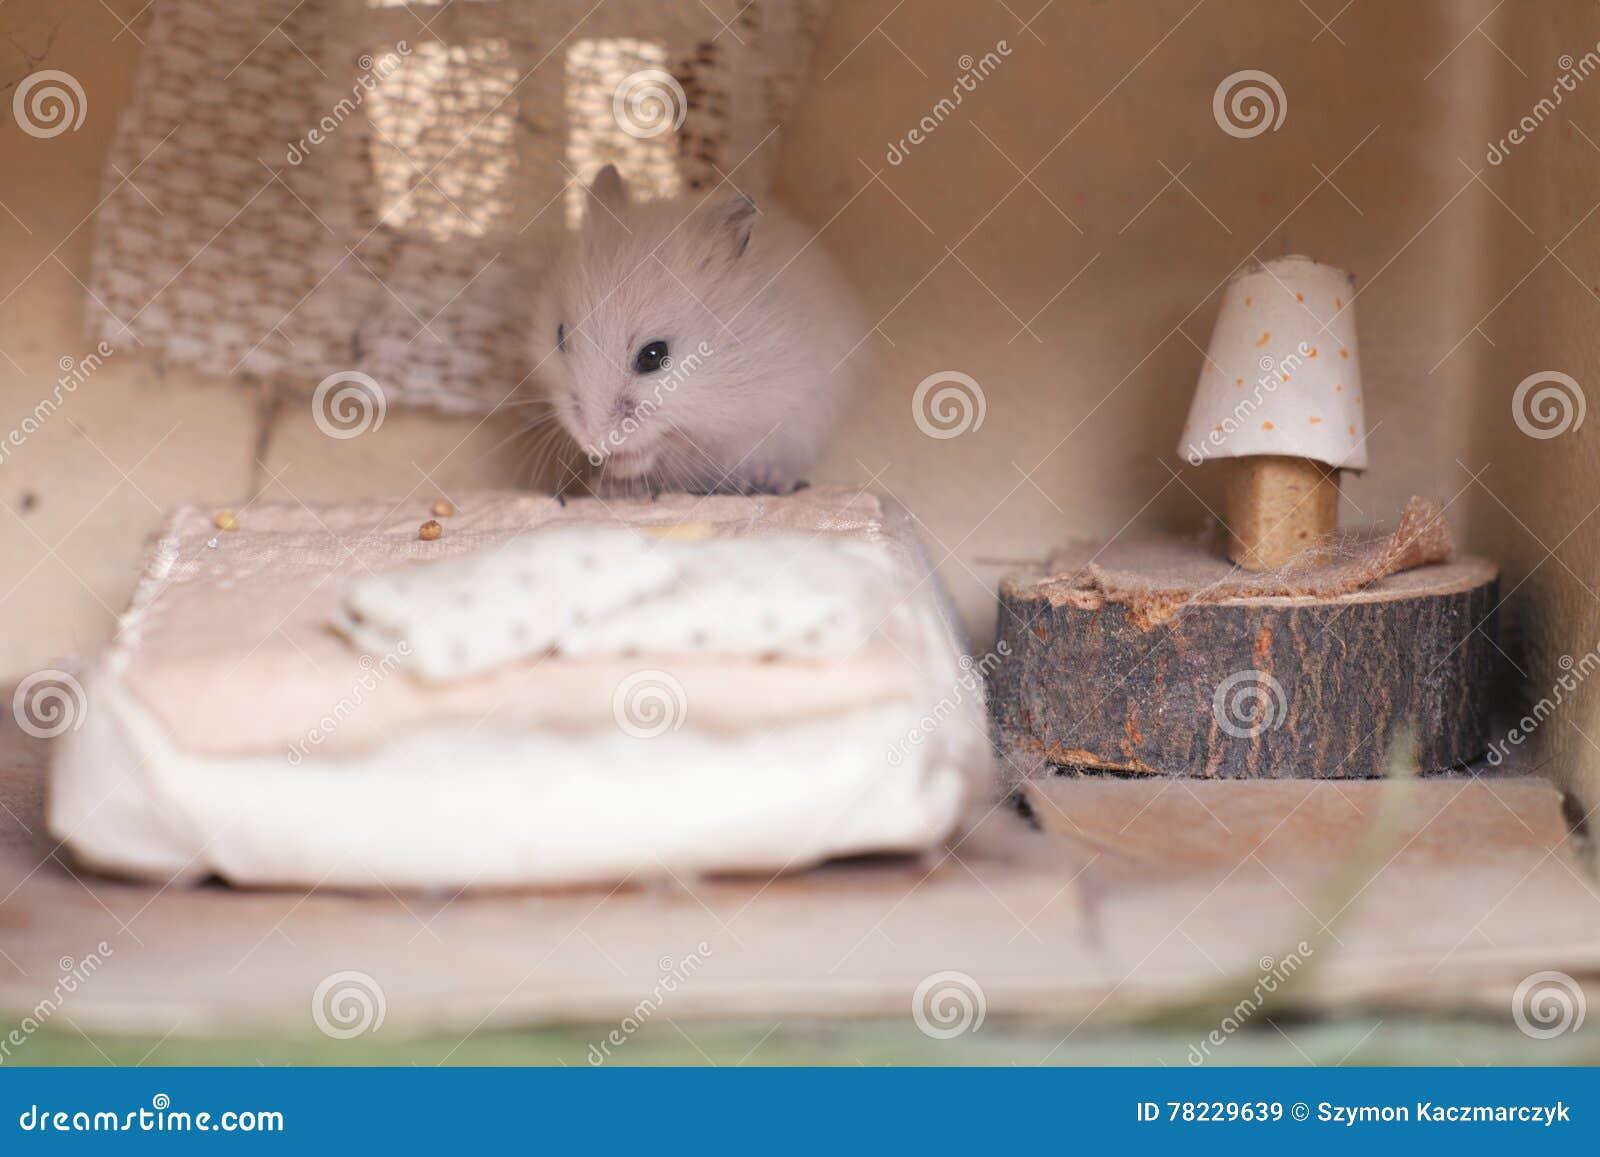 Kleiner Lustiger Hamster Auf Dem Bett In Einem Kleinen Stellen Sich